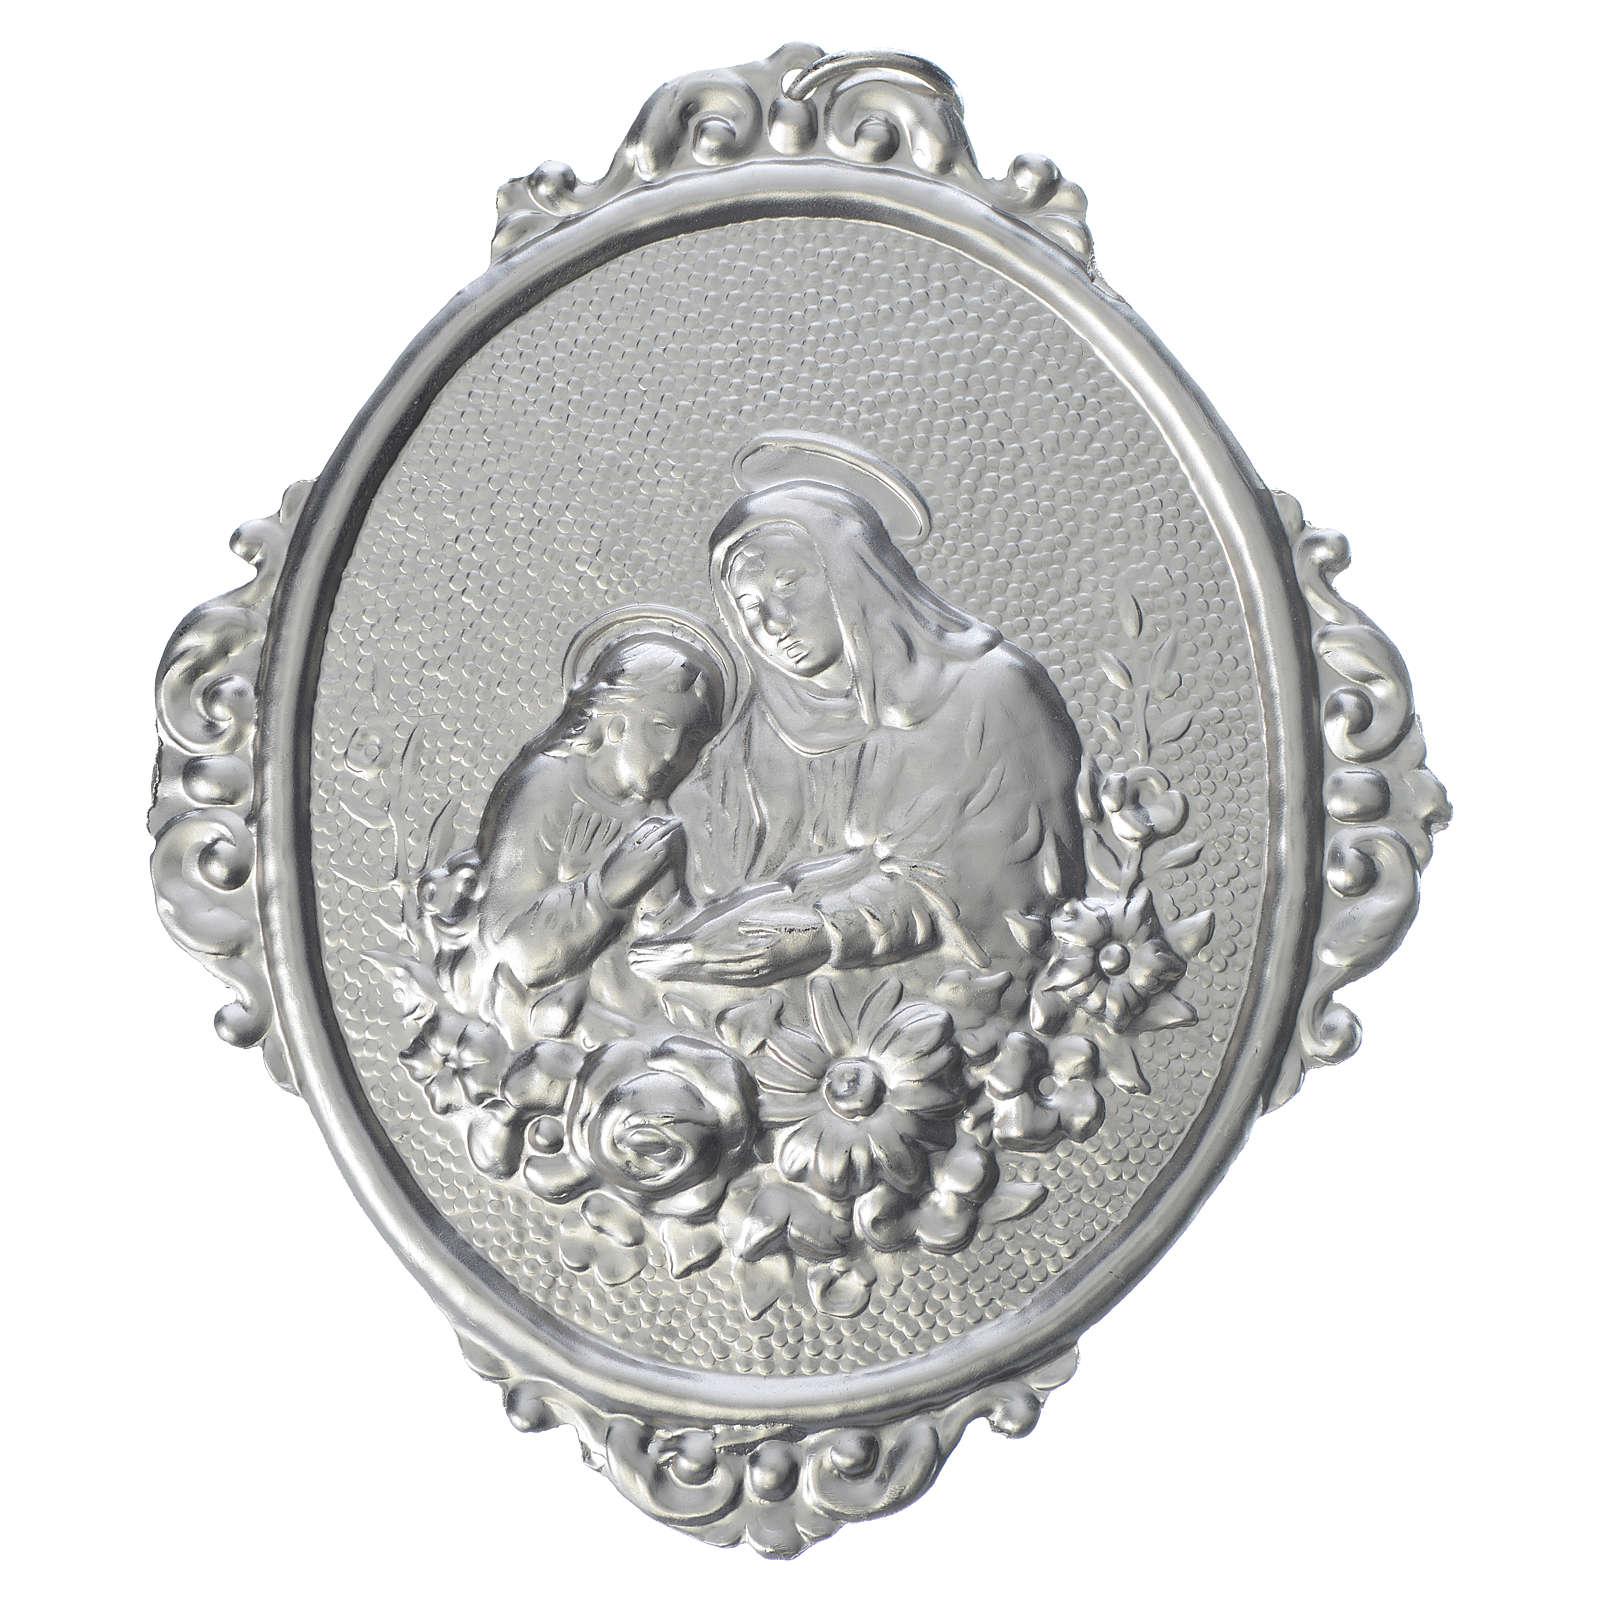 Medaglione confraternite Sant'Anna con fiori 3